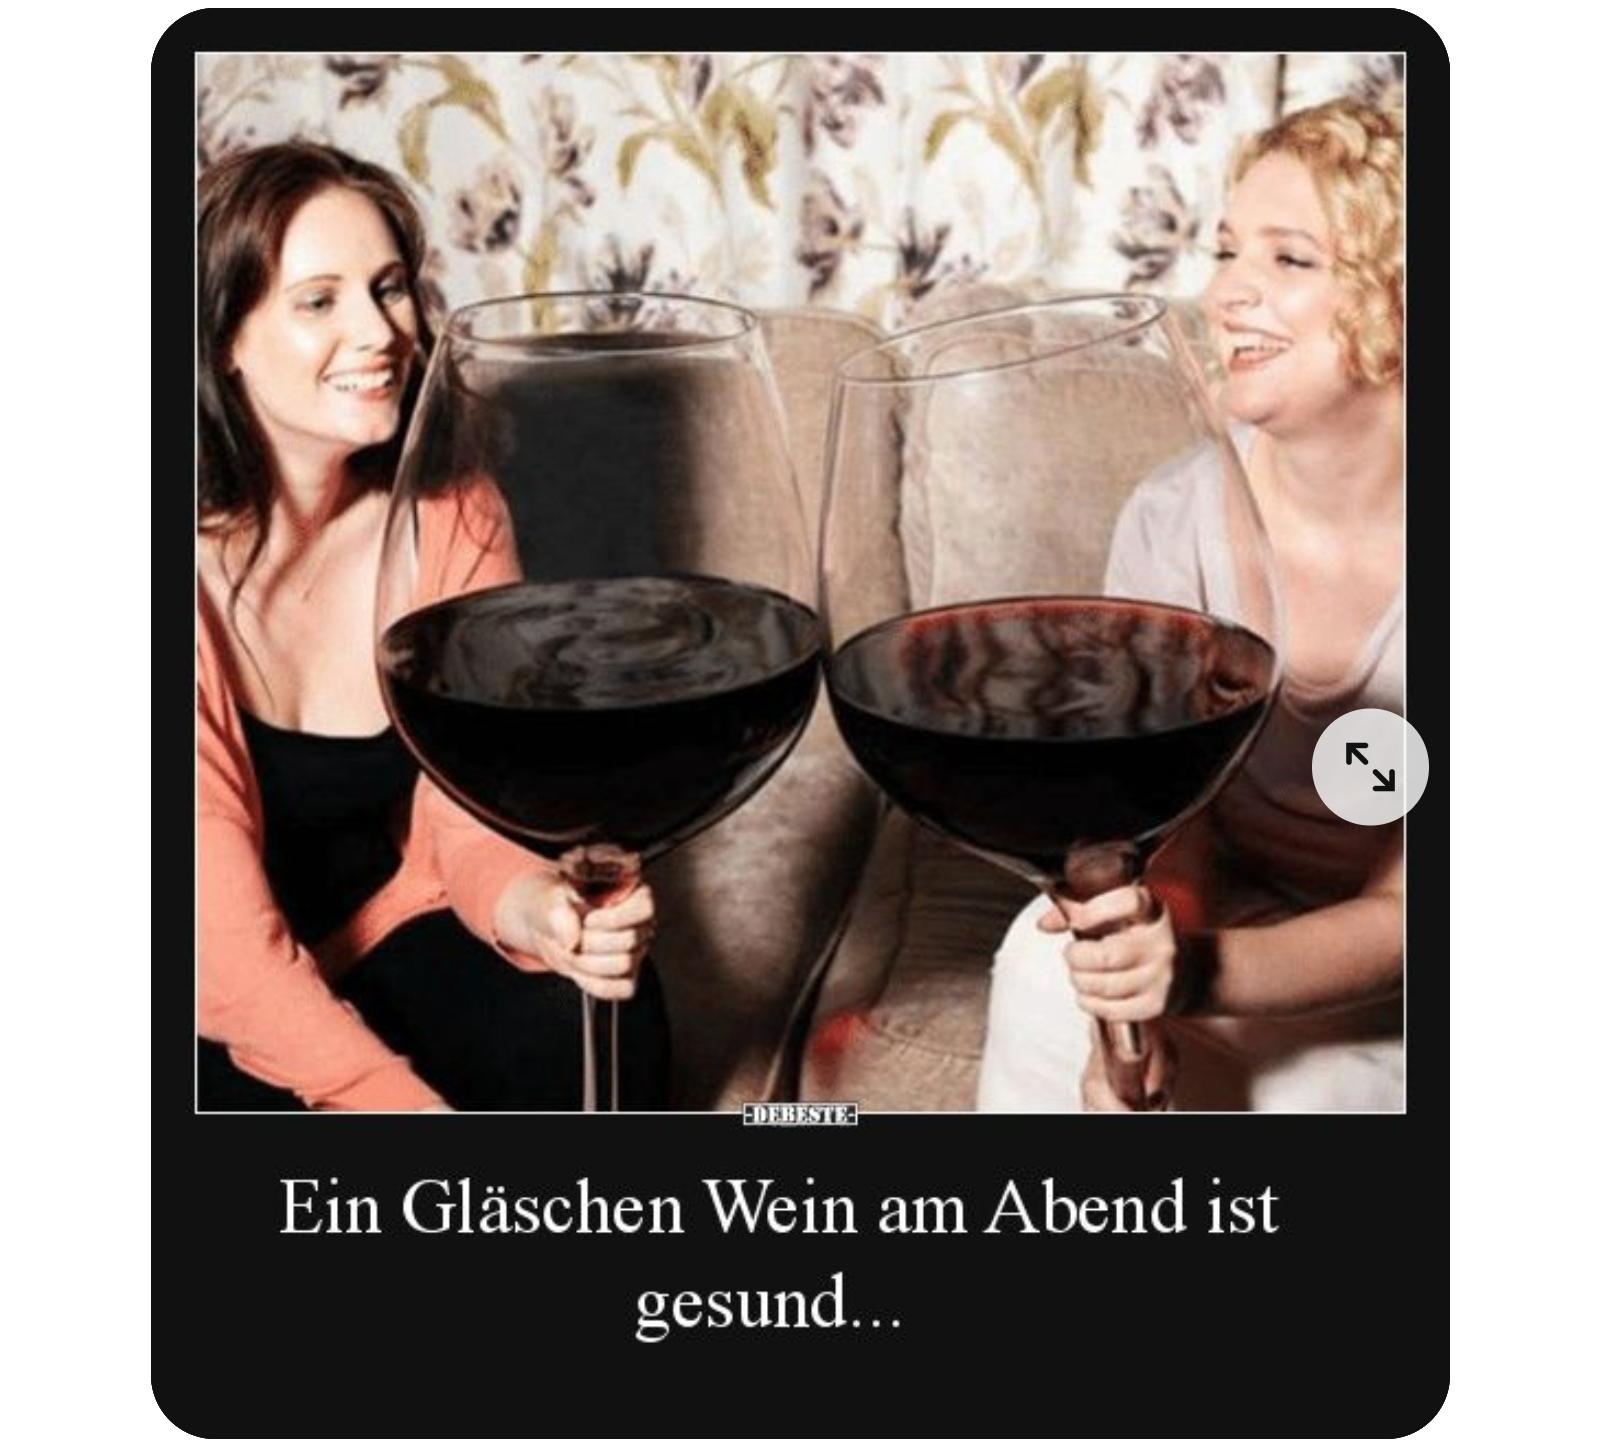 Ein Gläschen Wein am Abend ist gesund.jpeg